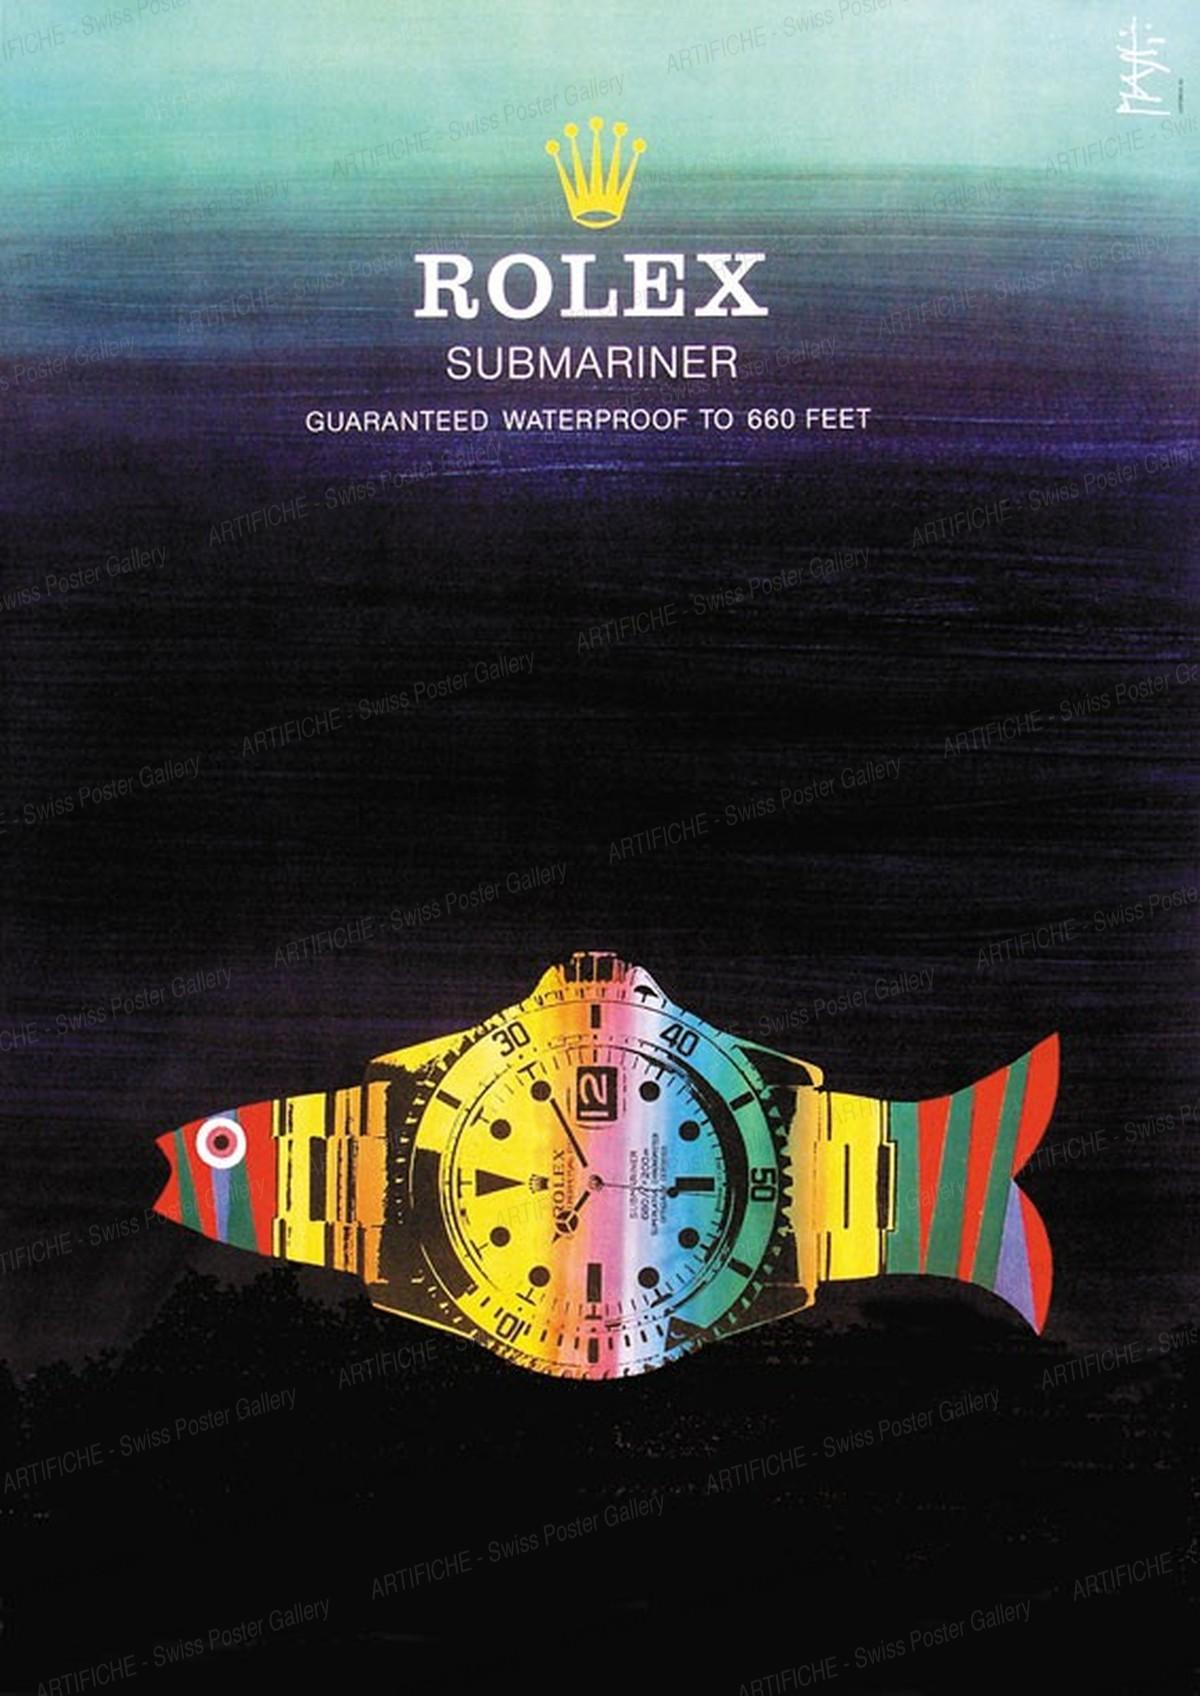 ROLEX – Submariner – garantiert wasserdicht bis 200m, Celestino Piatti